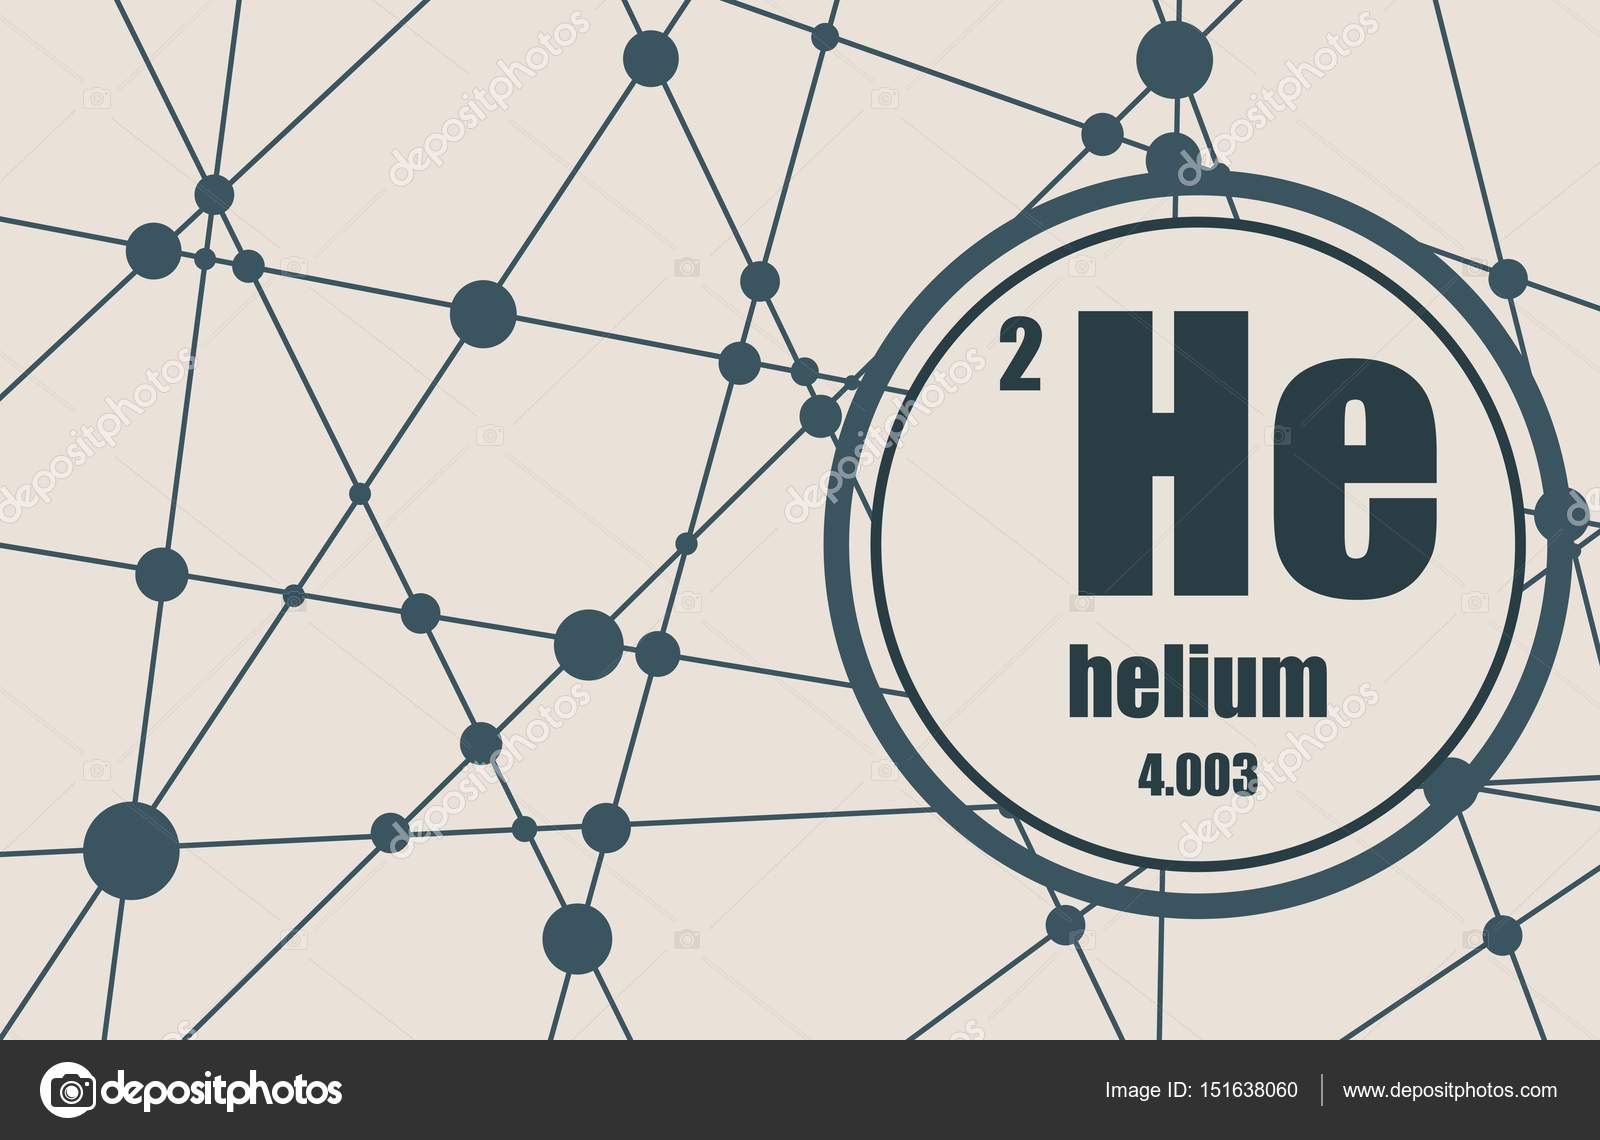 Elemento qumico helio archivo imgenes vectoriales jegasra elemento qumico helio firmar con el nmero atmico y peso atmico elemento qumico de tabla peridica molcula y el fondo de la comunicacin urtaz Choice Image